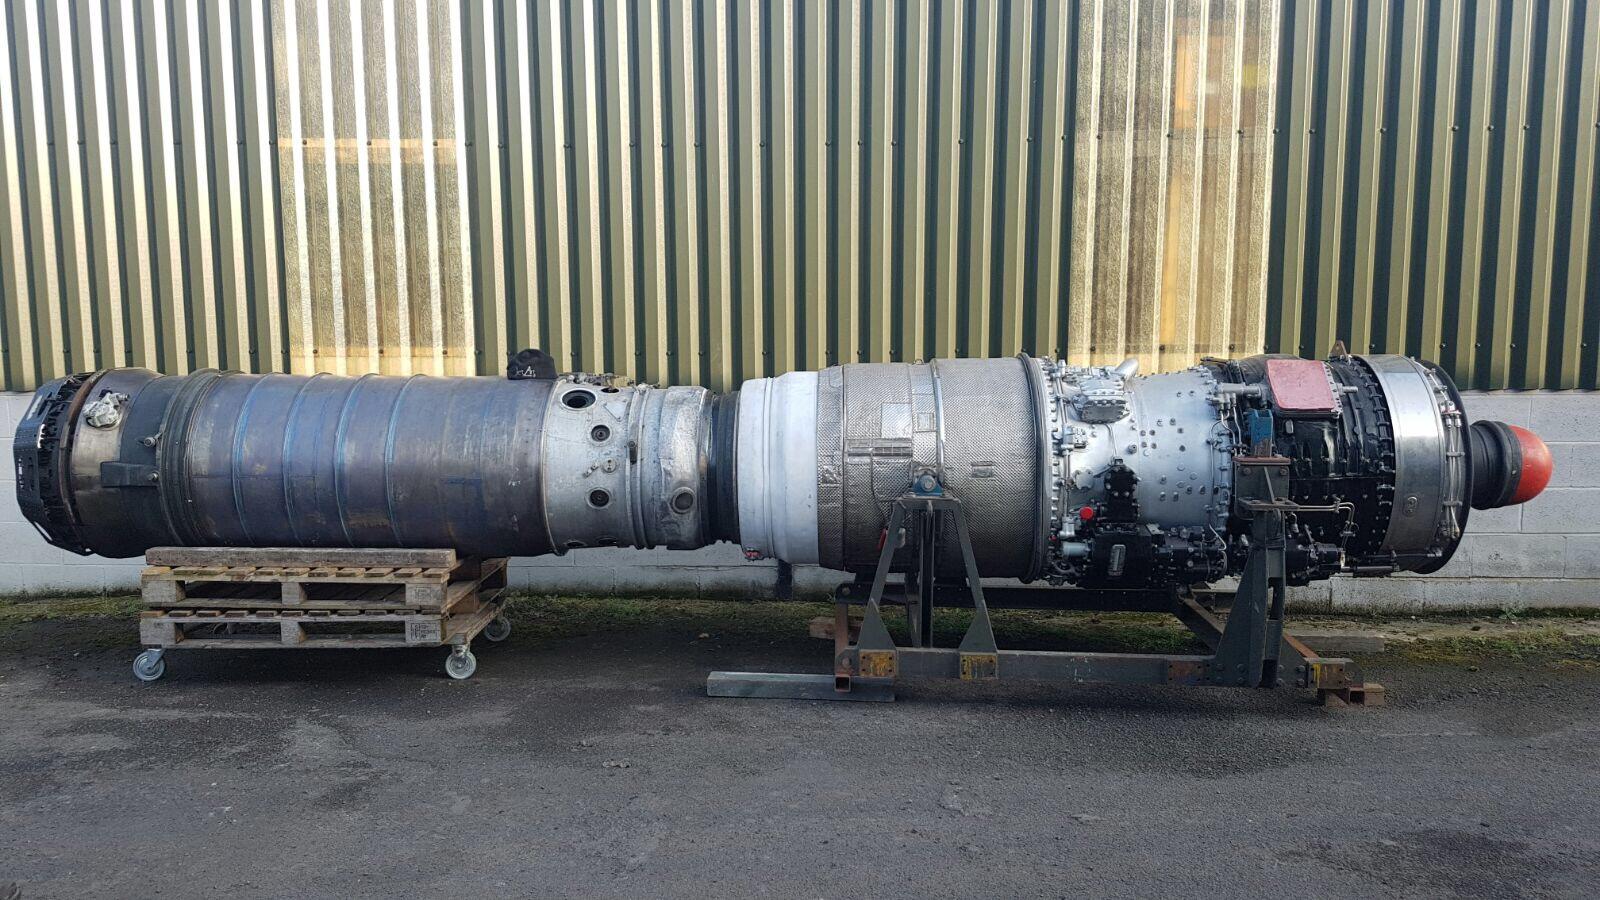 Rolls Royce Avon Mk209 jet engine